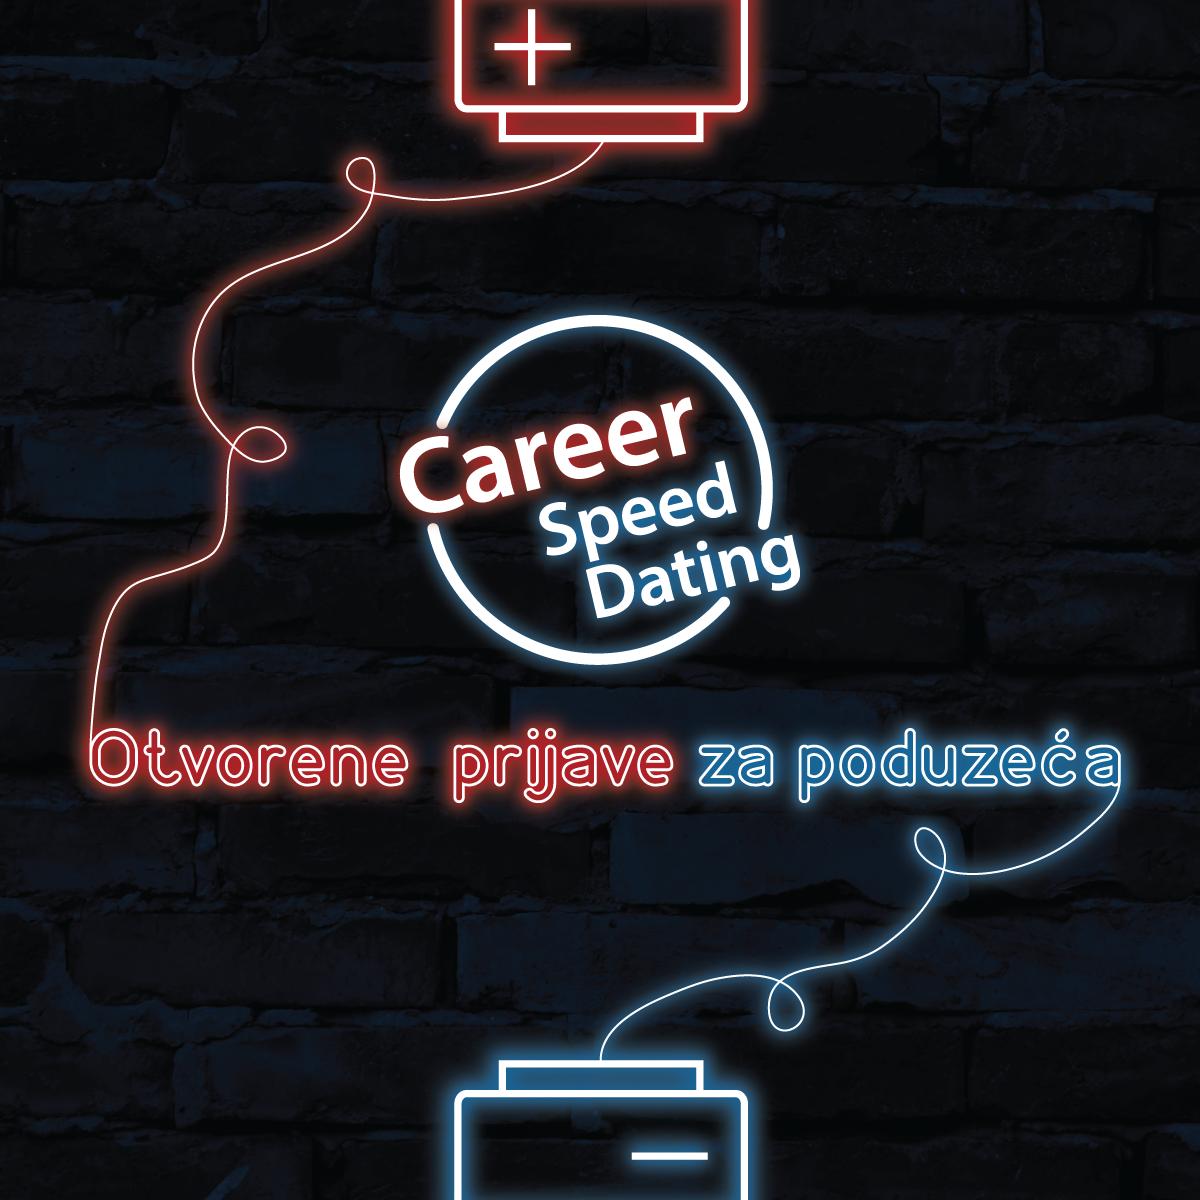 Zabavna pitanja speed dating